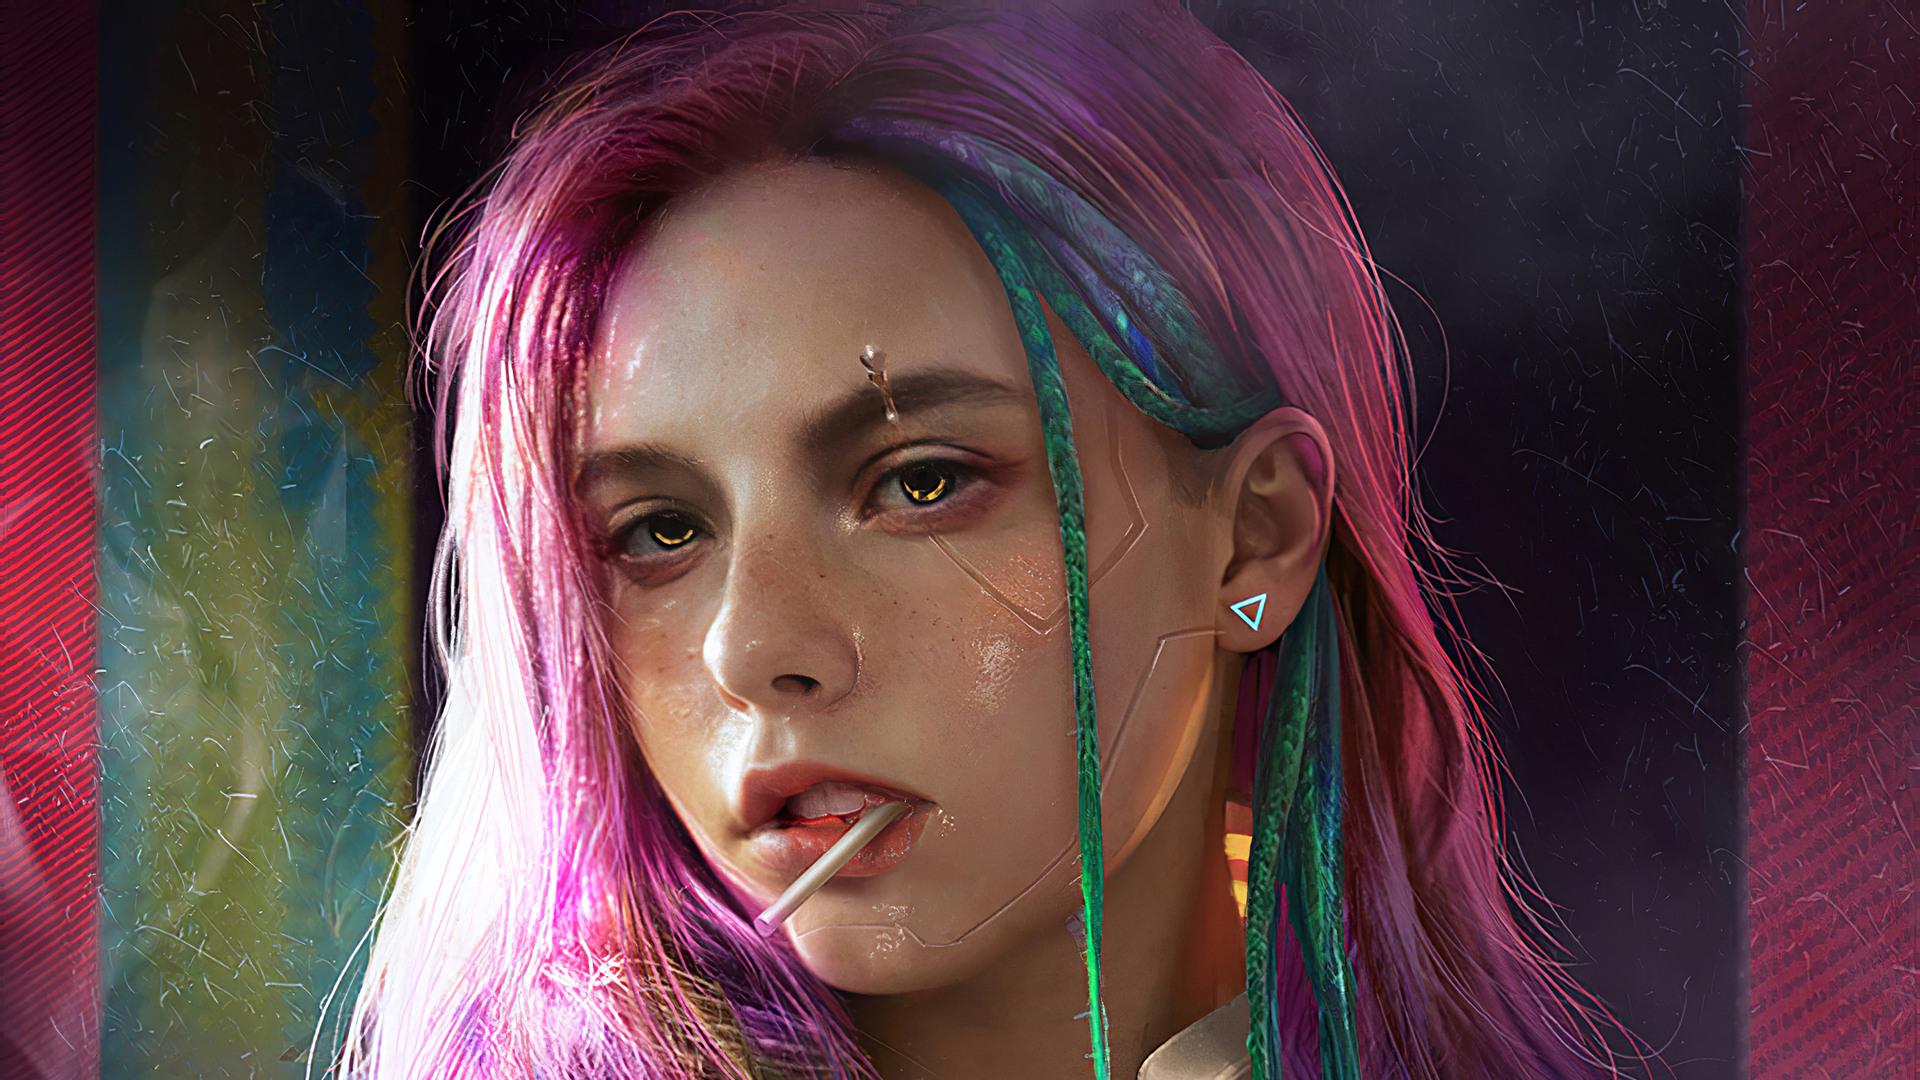 Cyberpunk girl wallpaper.jpg